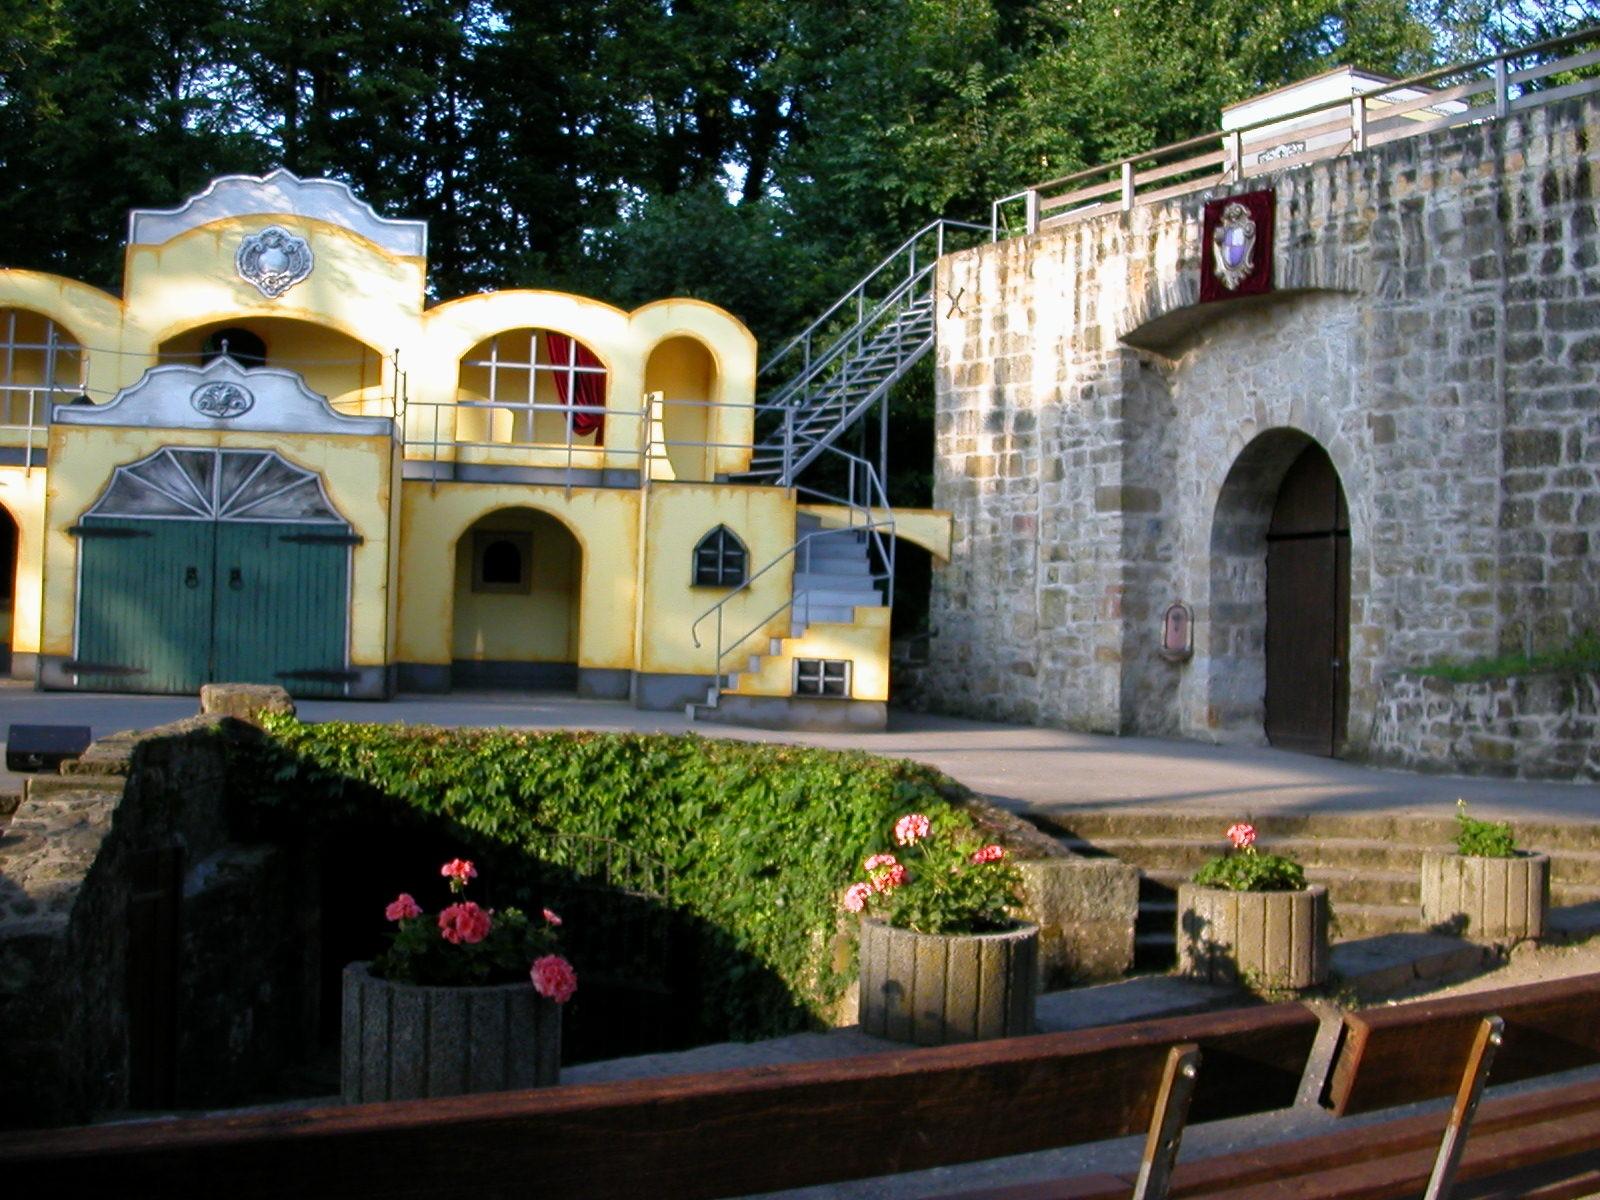 Die Kulissen des Mozart!-Musicals in Tecklenburg. Nadja war von der Open-Air-Inszenierung überwältigt